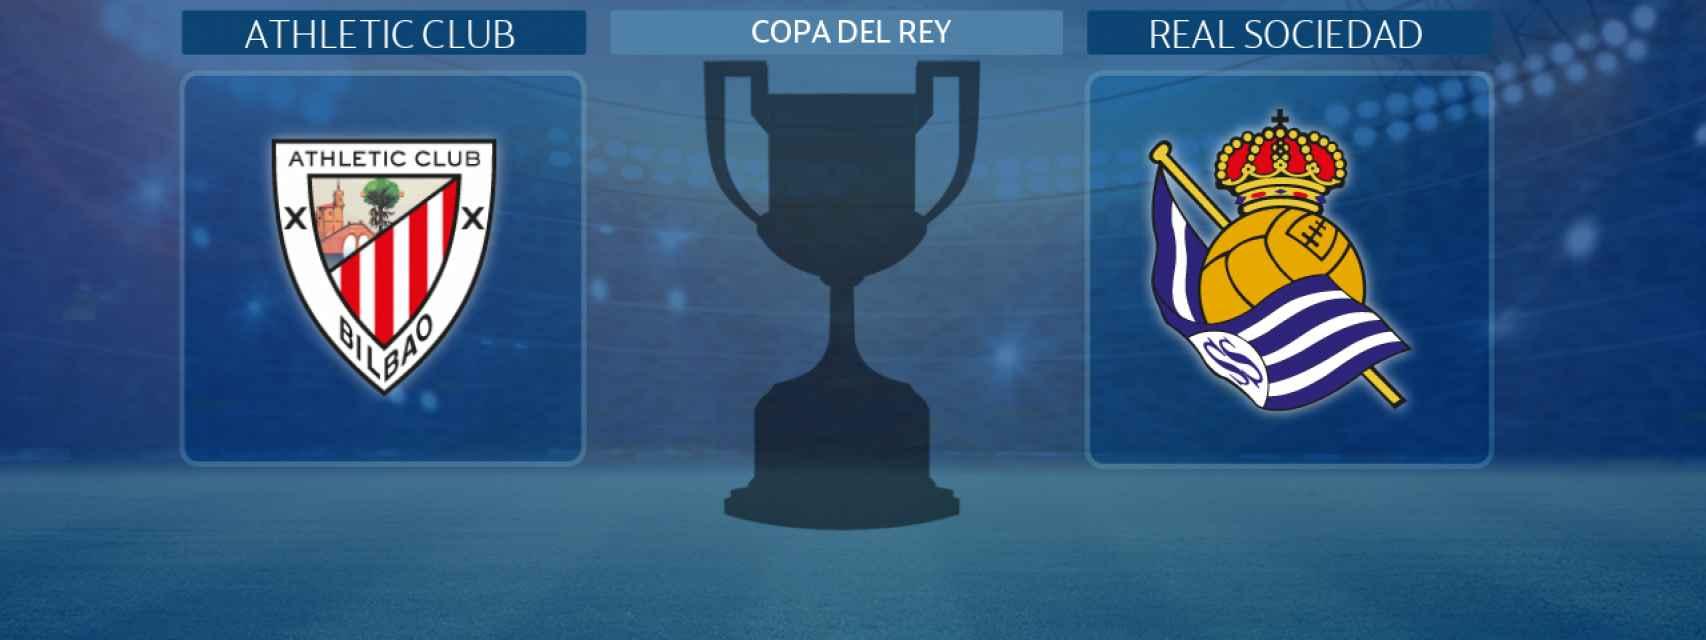 Athletic Club - Real Sociedad, la final de la Copa del Rey 2019/20